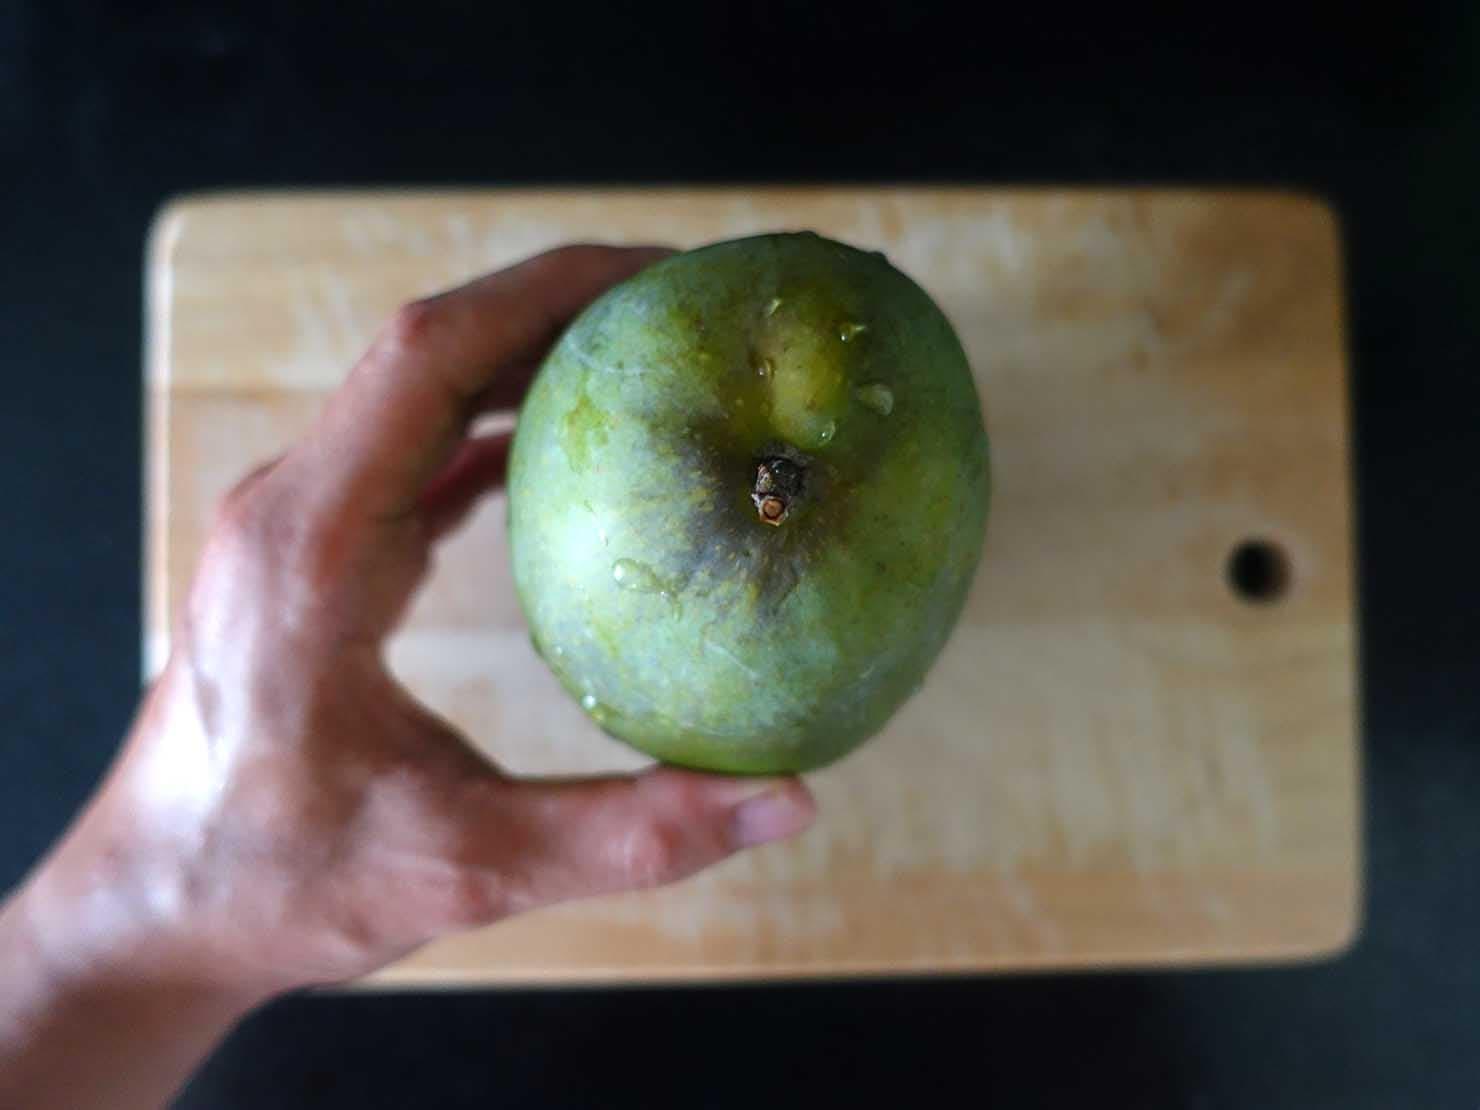 台湾のちょっと珍しい緑のマンゴー「烏香芒果」の切り方(切る前)